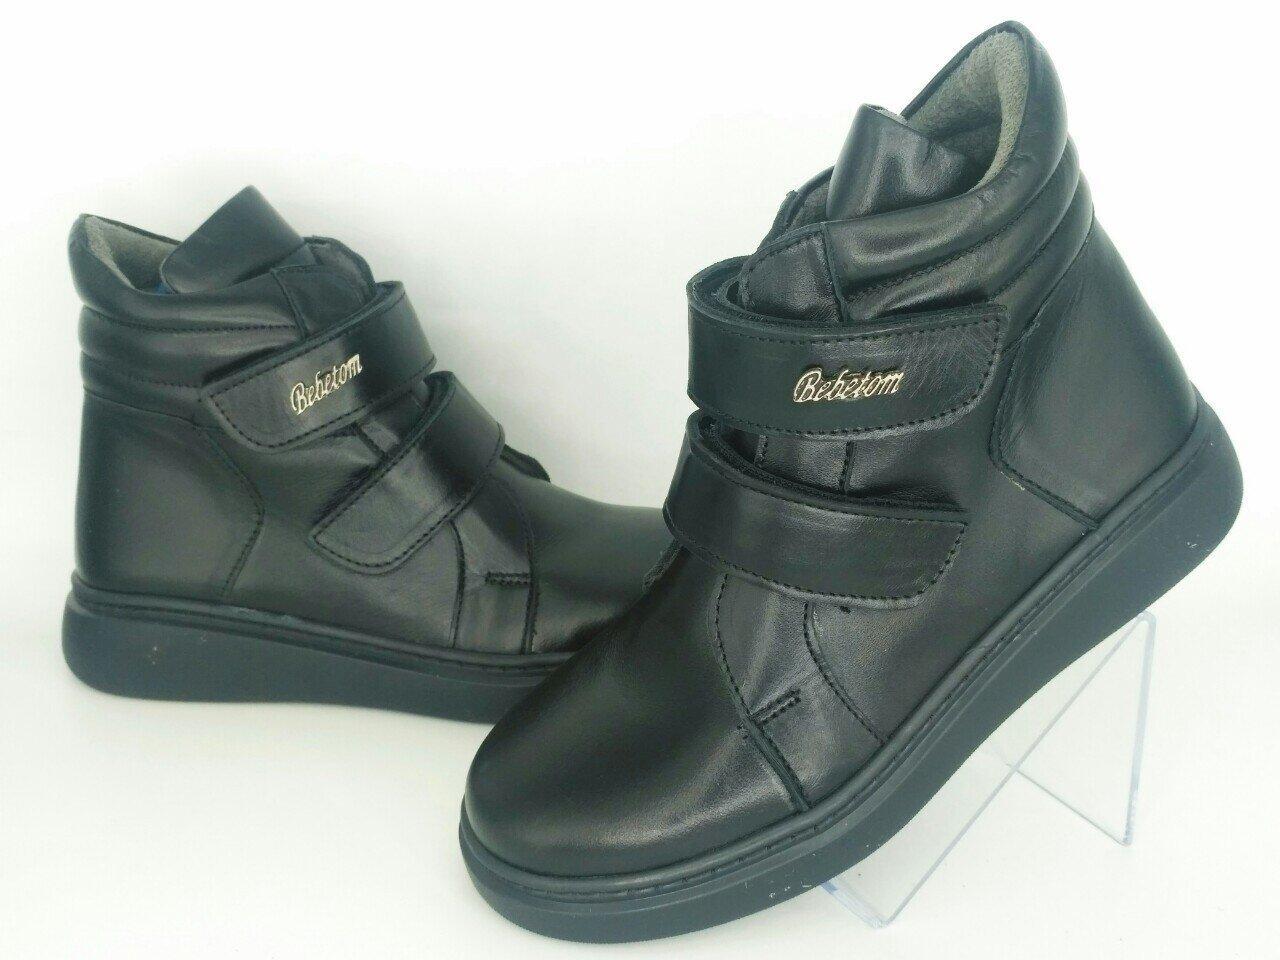 Ортопедичні дитячі чоботи  ВЕВЕТОМ для дівчинки 36